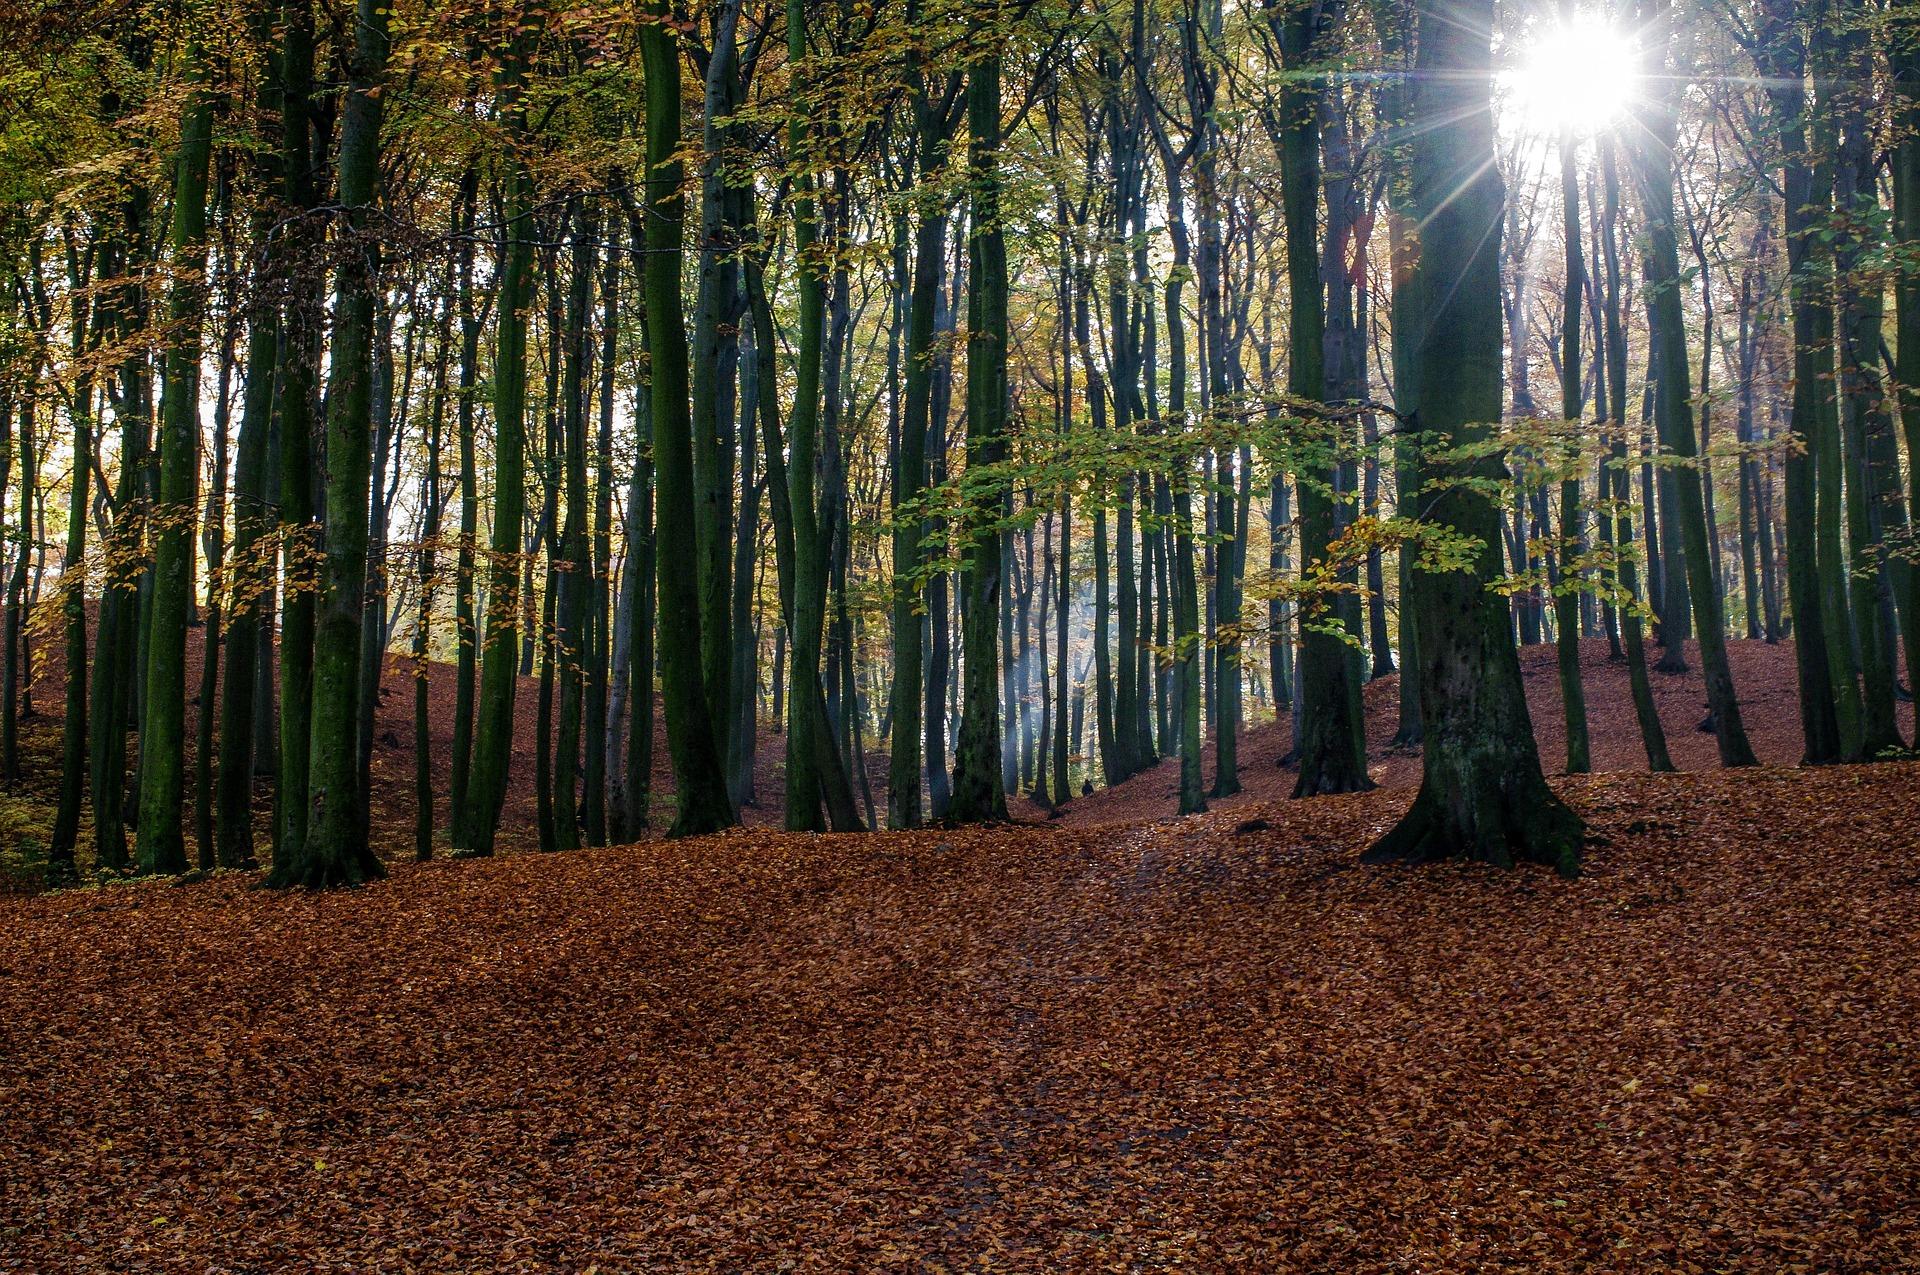 trees-1030981_1920